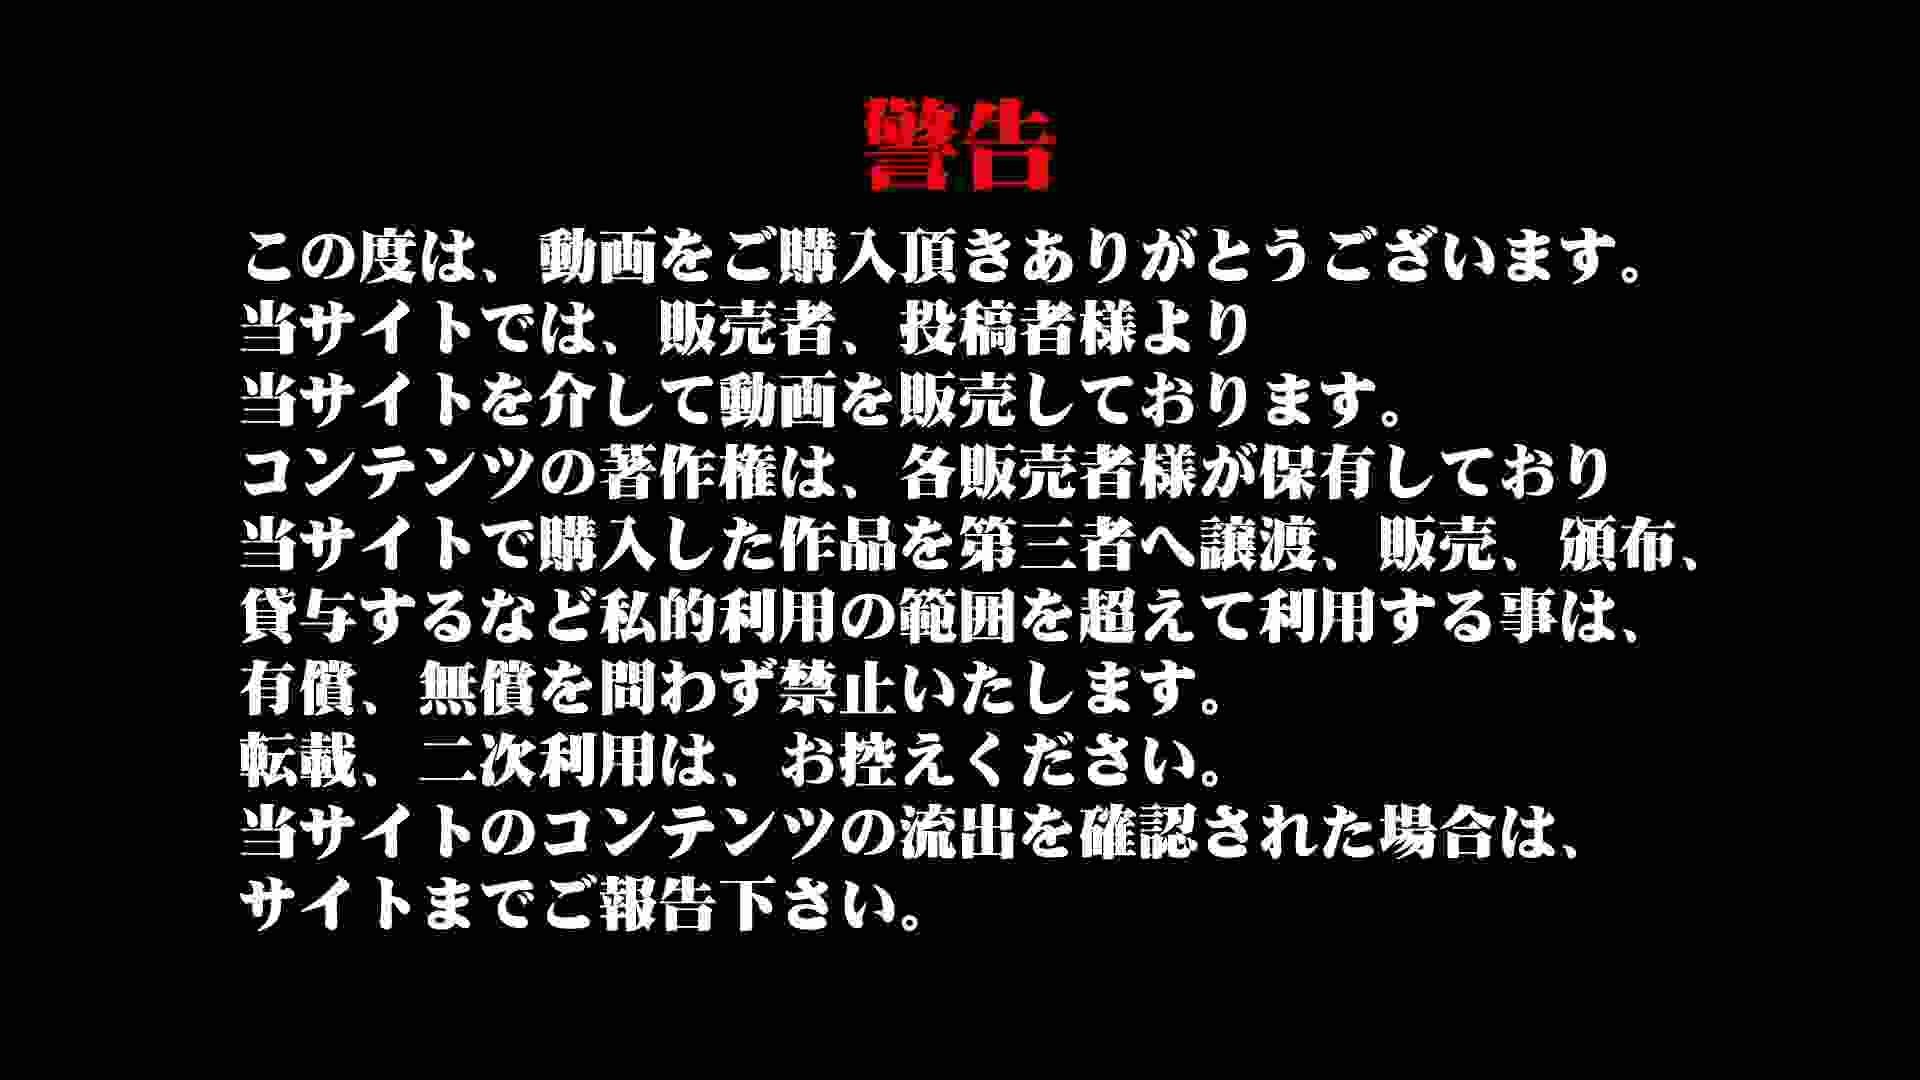 ギャルのツルピカ潜入盗撮!Vol.13 OLのボディ   ギャル盗撮映像  72PIX 1